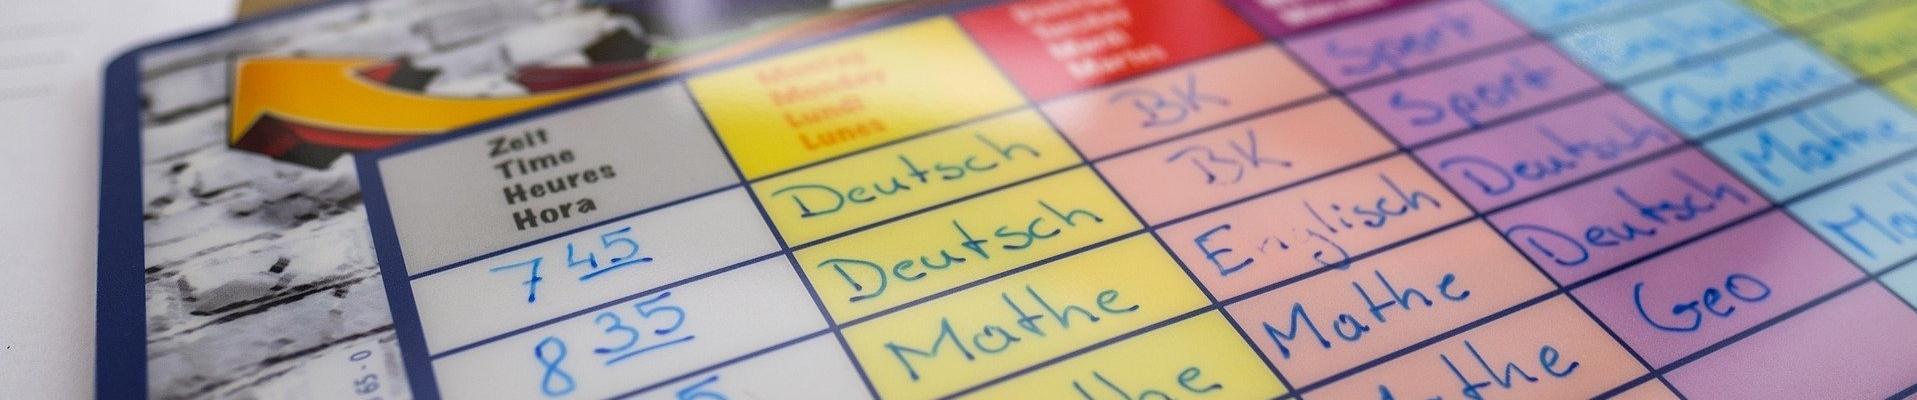 Bruckenackerschule - Neuigkeiten